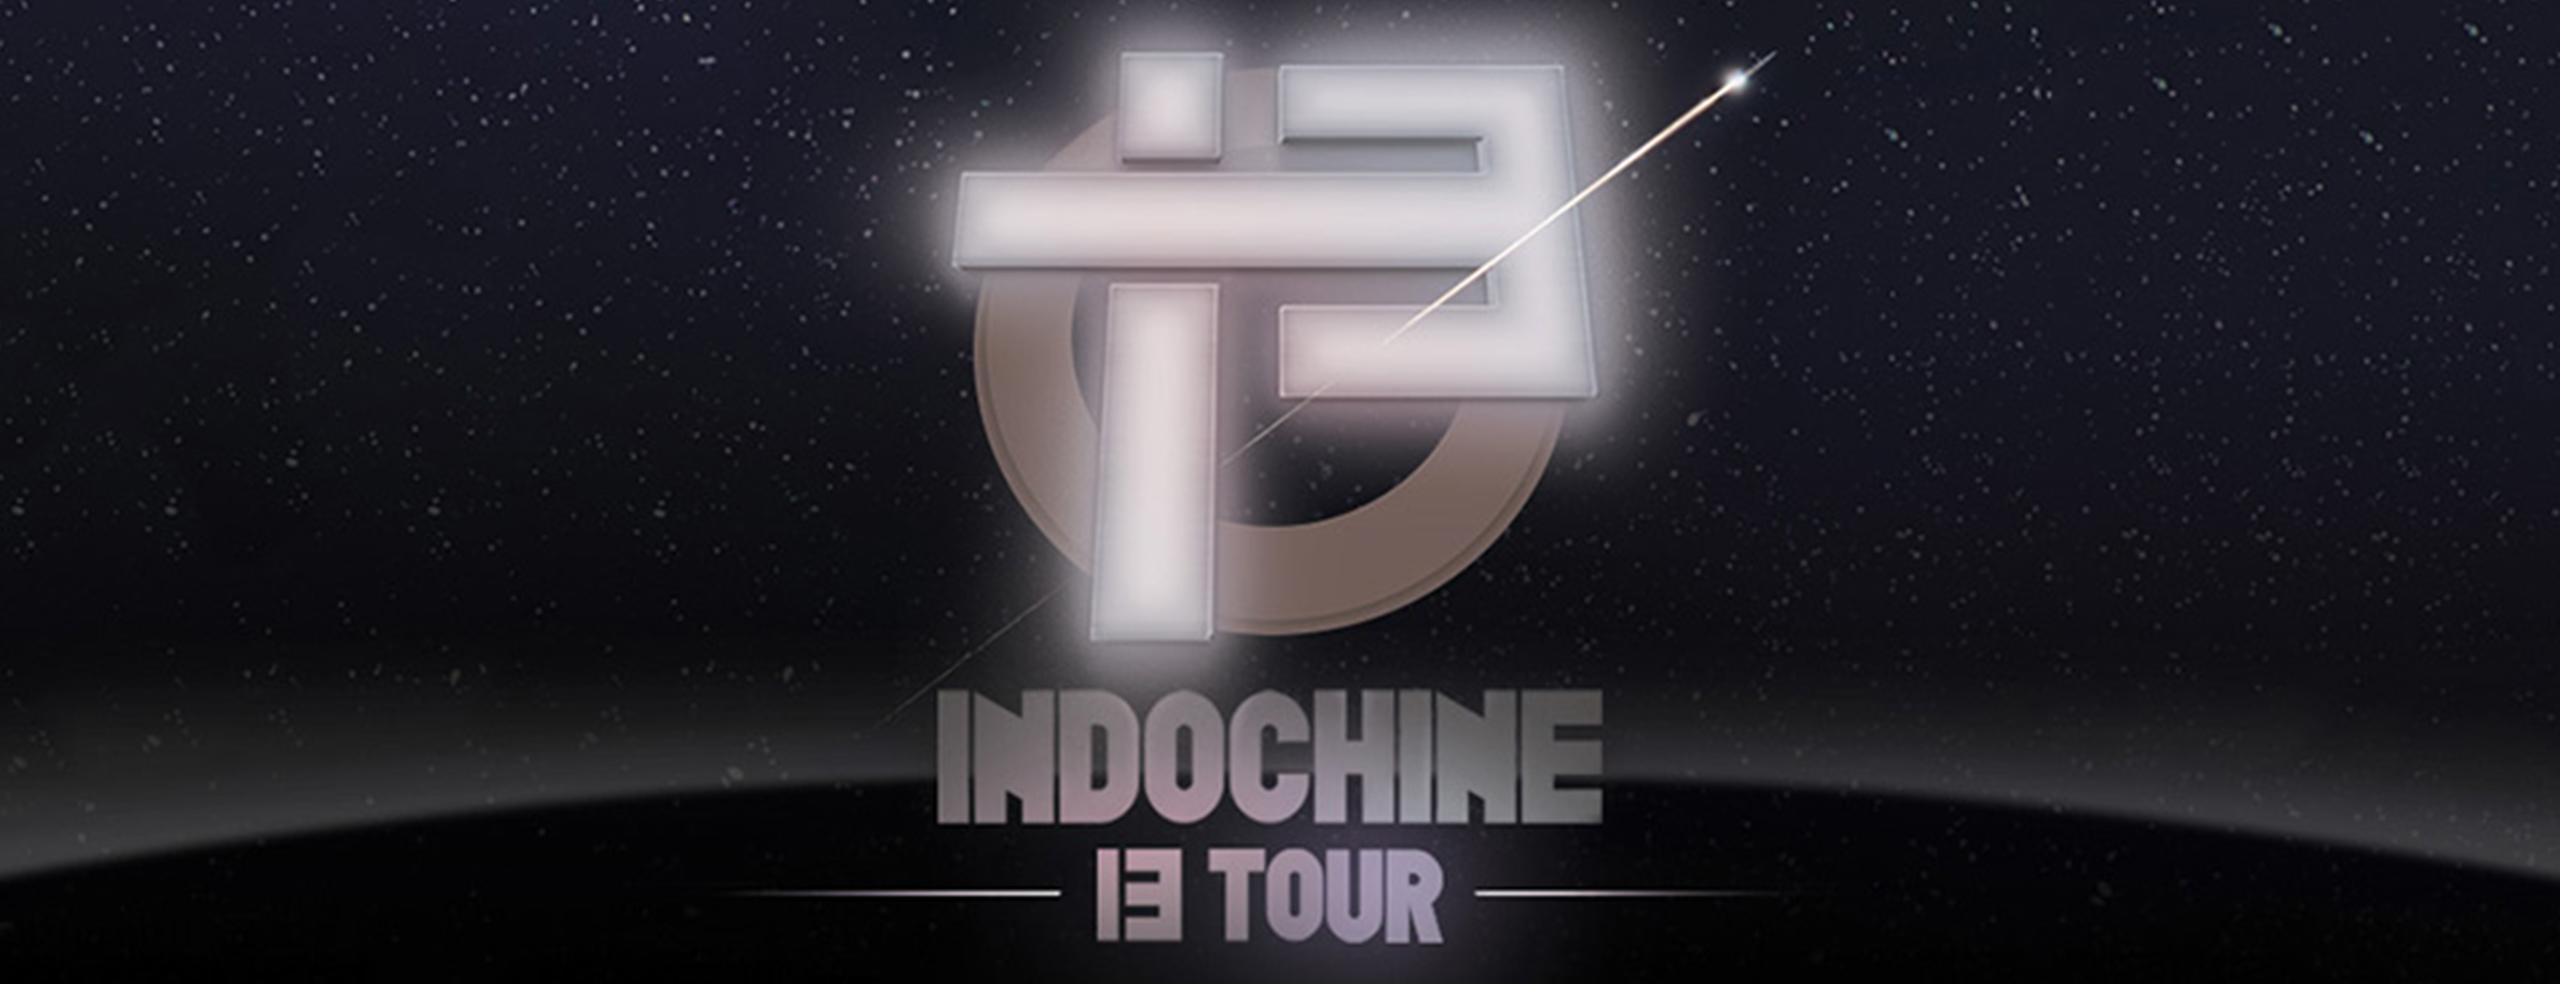 indochine 13 tour